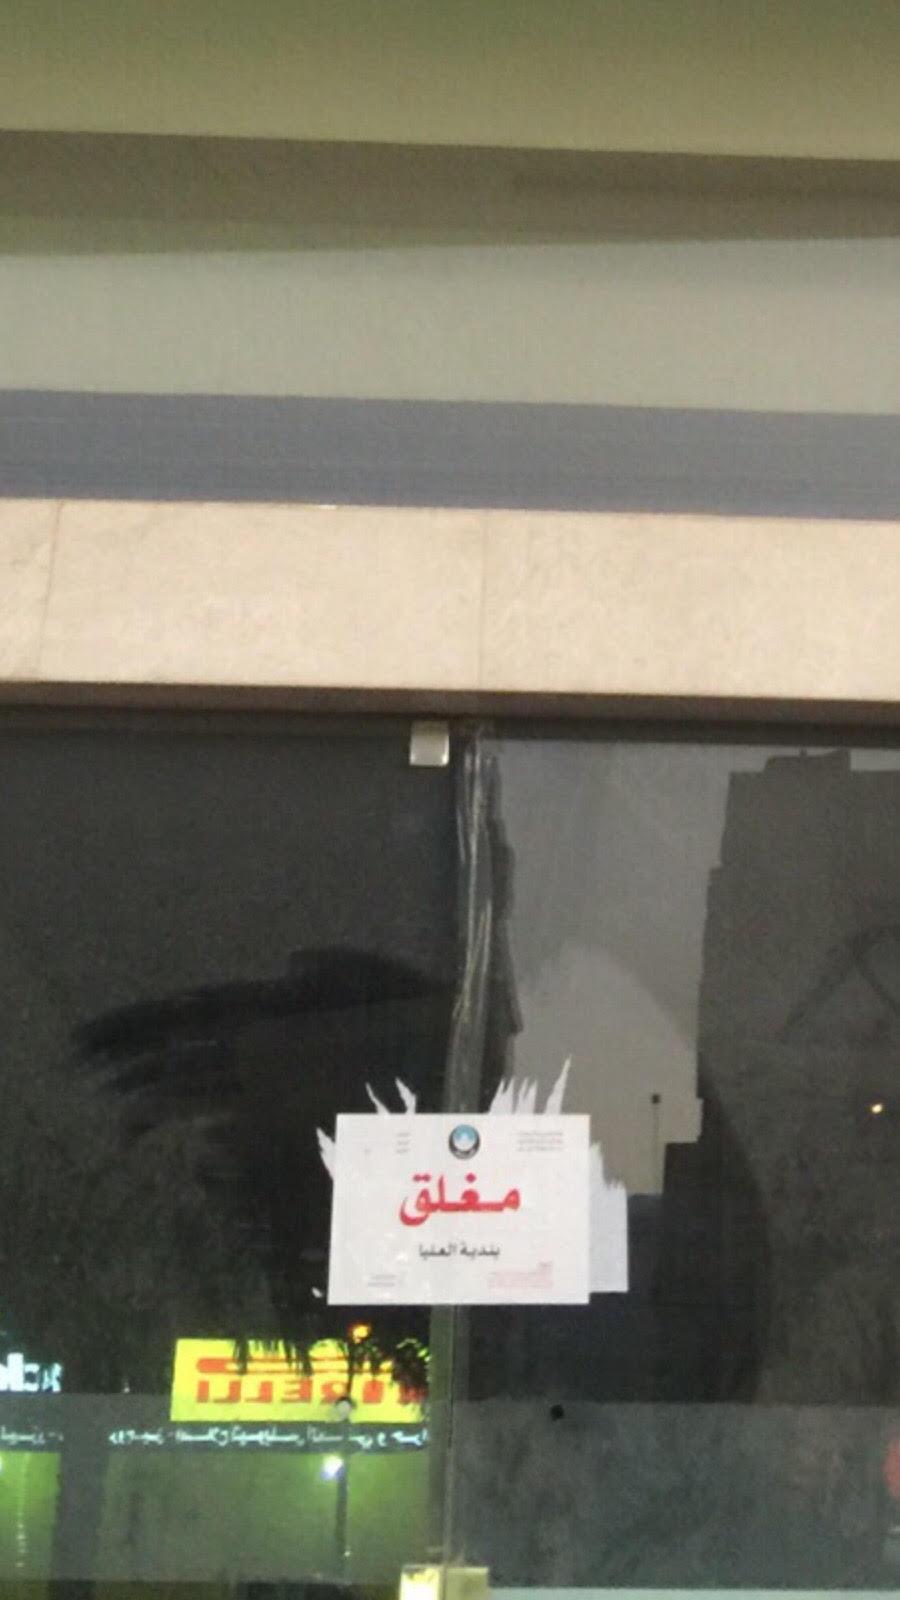 في الرياض .. اغلاق 9 مركز للمساج (2)